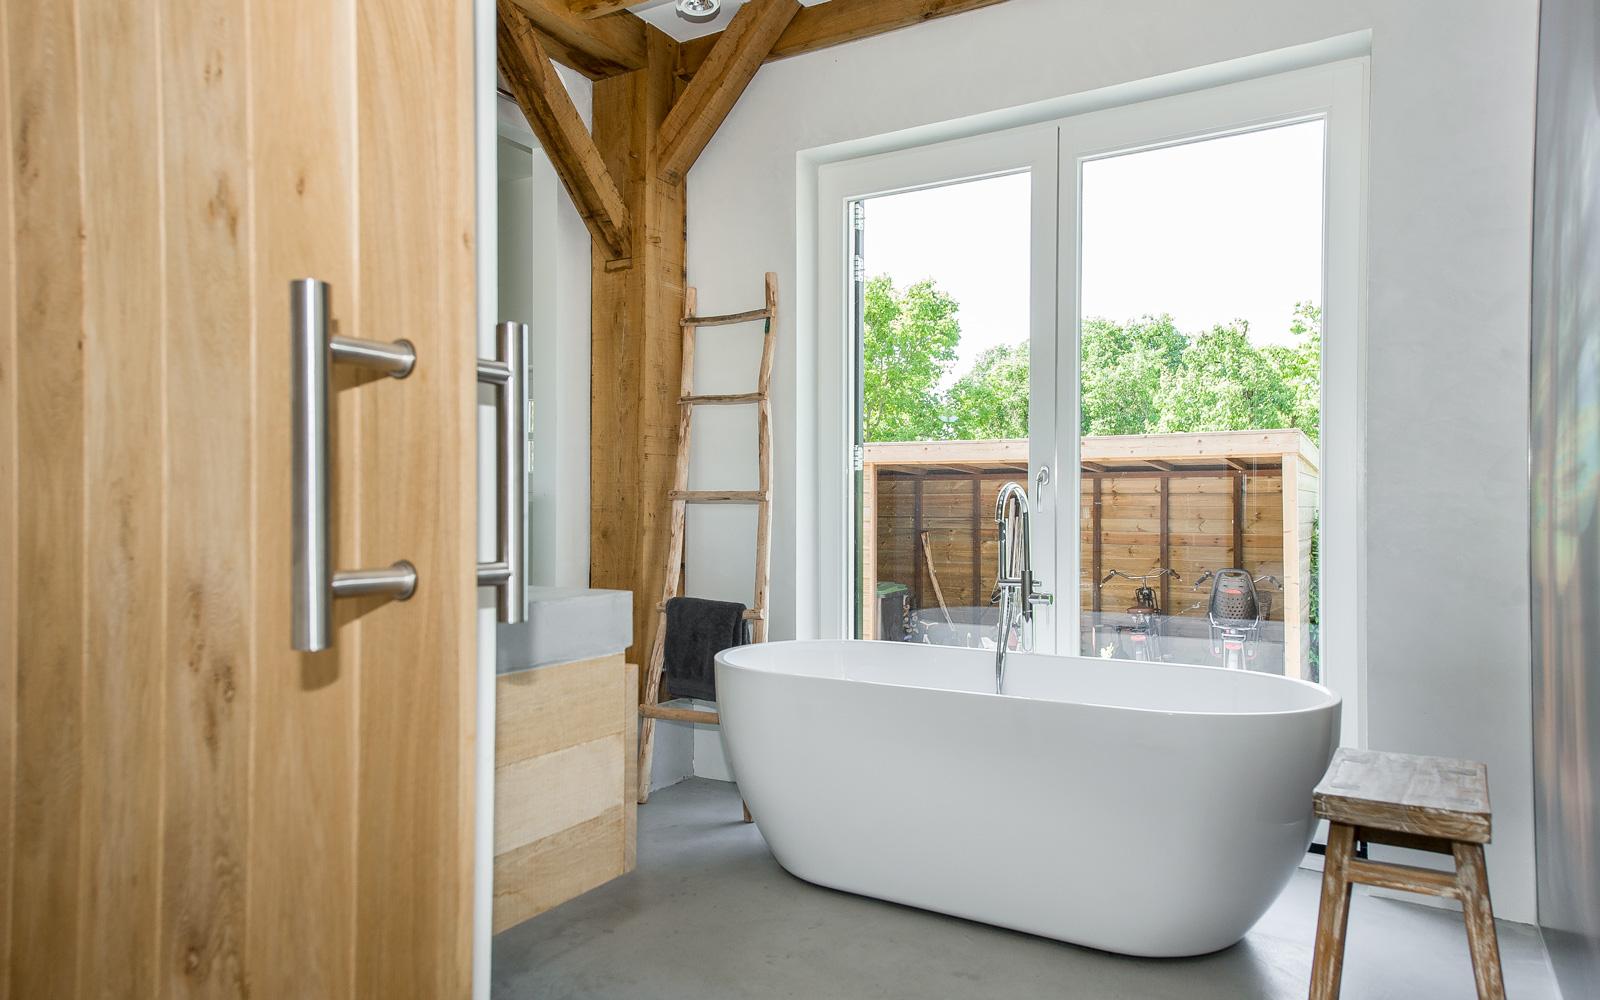 Vrijstaand ligbad zorgt voor een ruime indeling van de badkamer.